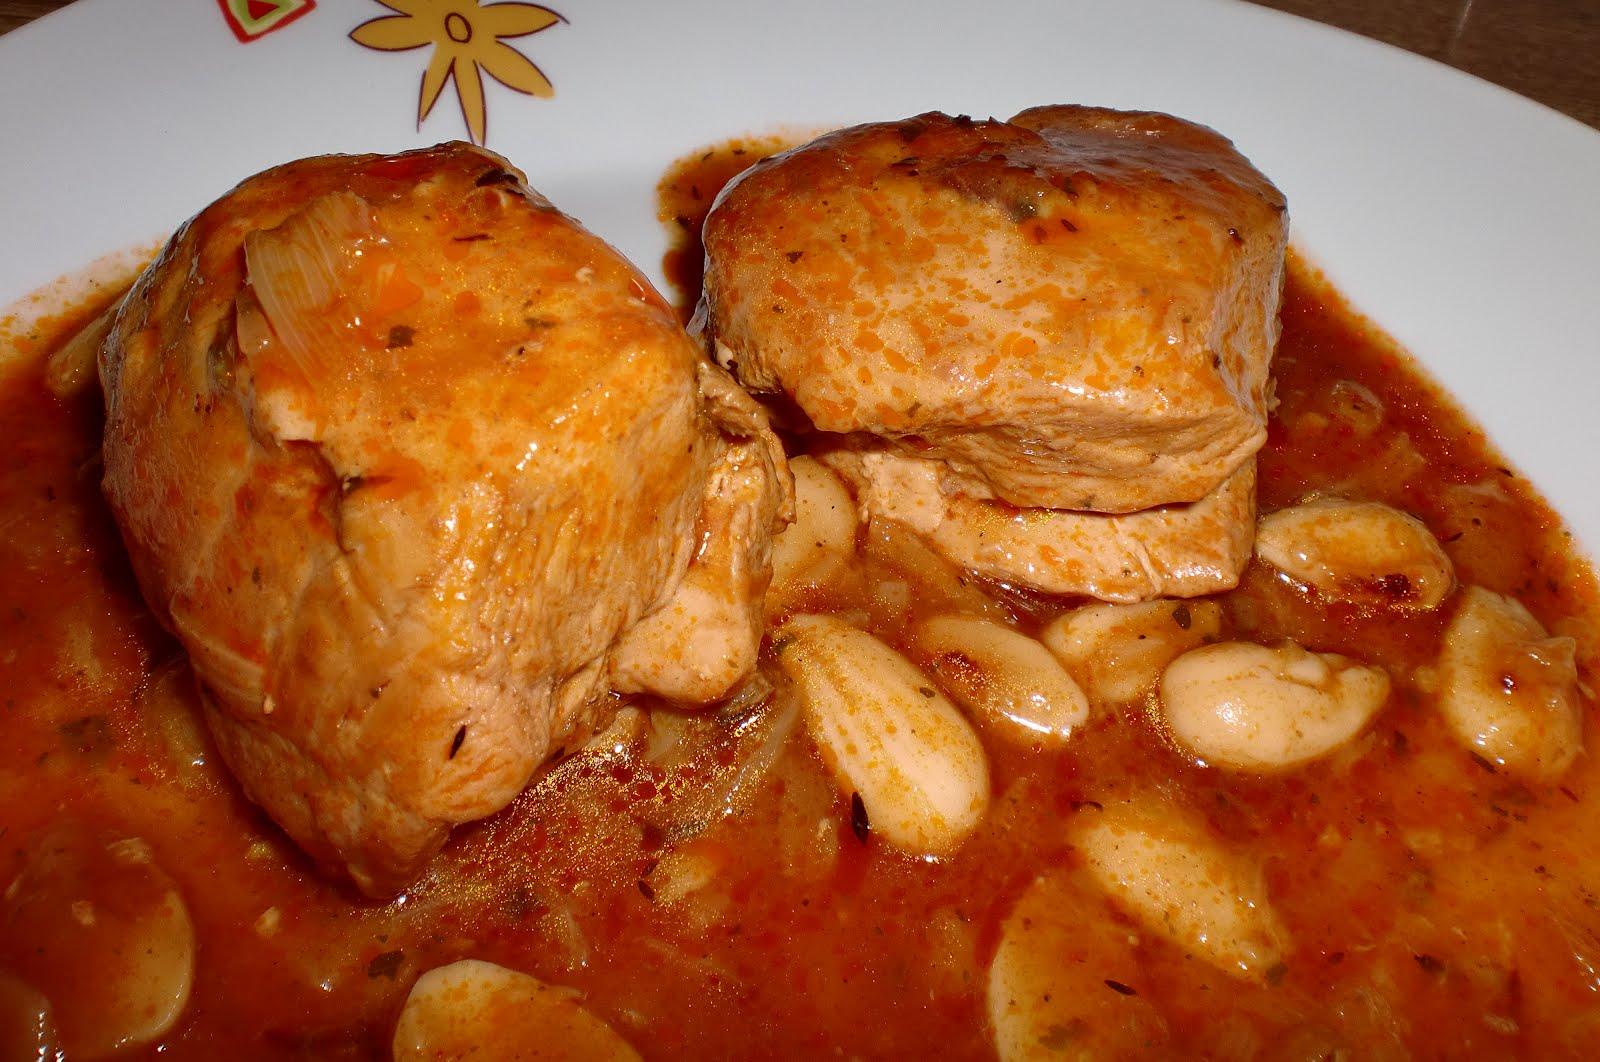 Pollo con salsas de almendras